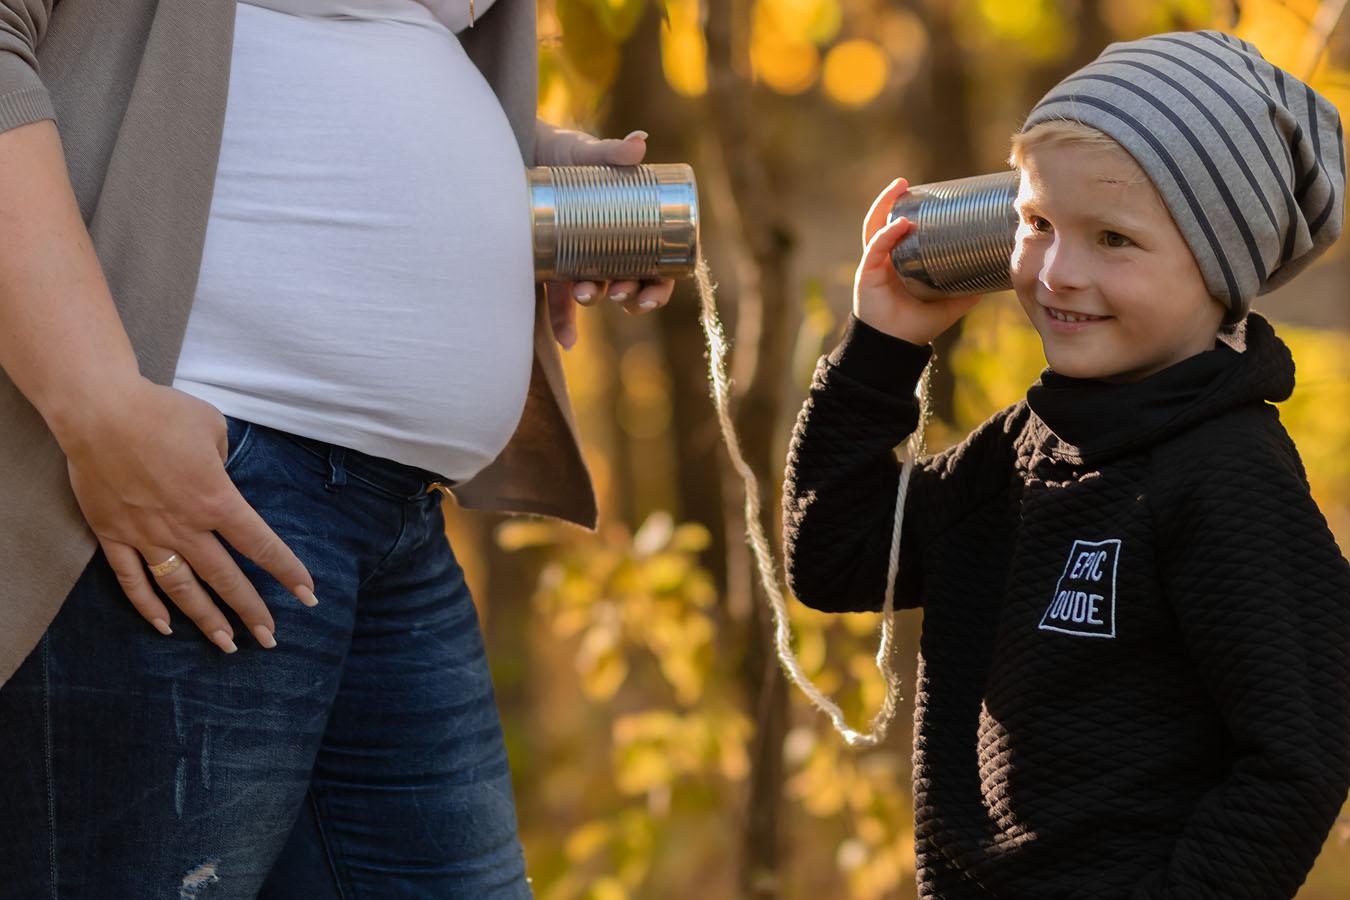 Newborn / Babybauch Photographie / Schwangerschaft / Fotostyle Schindler / Straubing / fotostyle-schindler.de